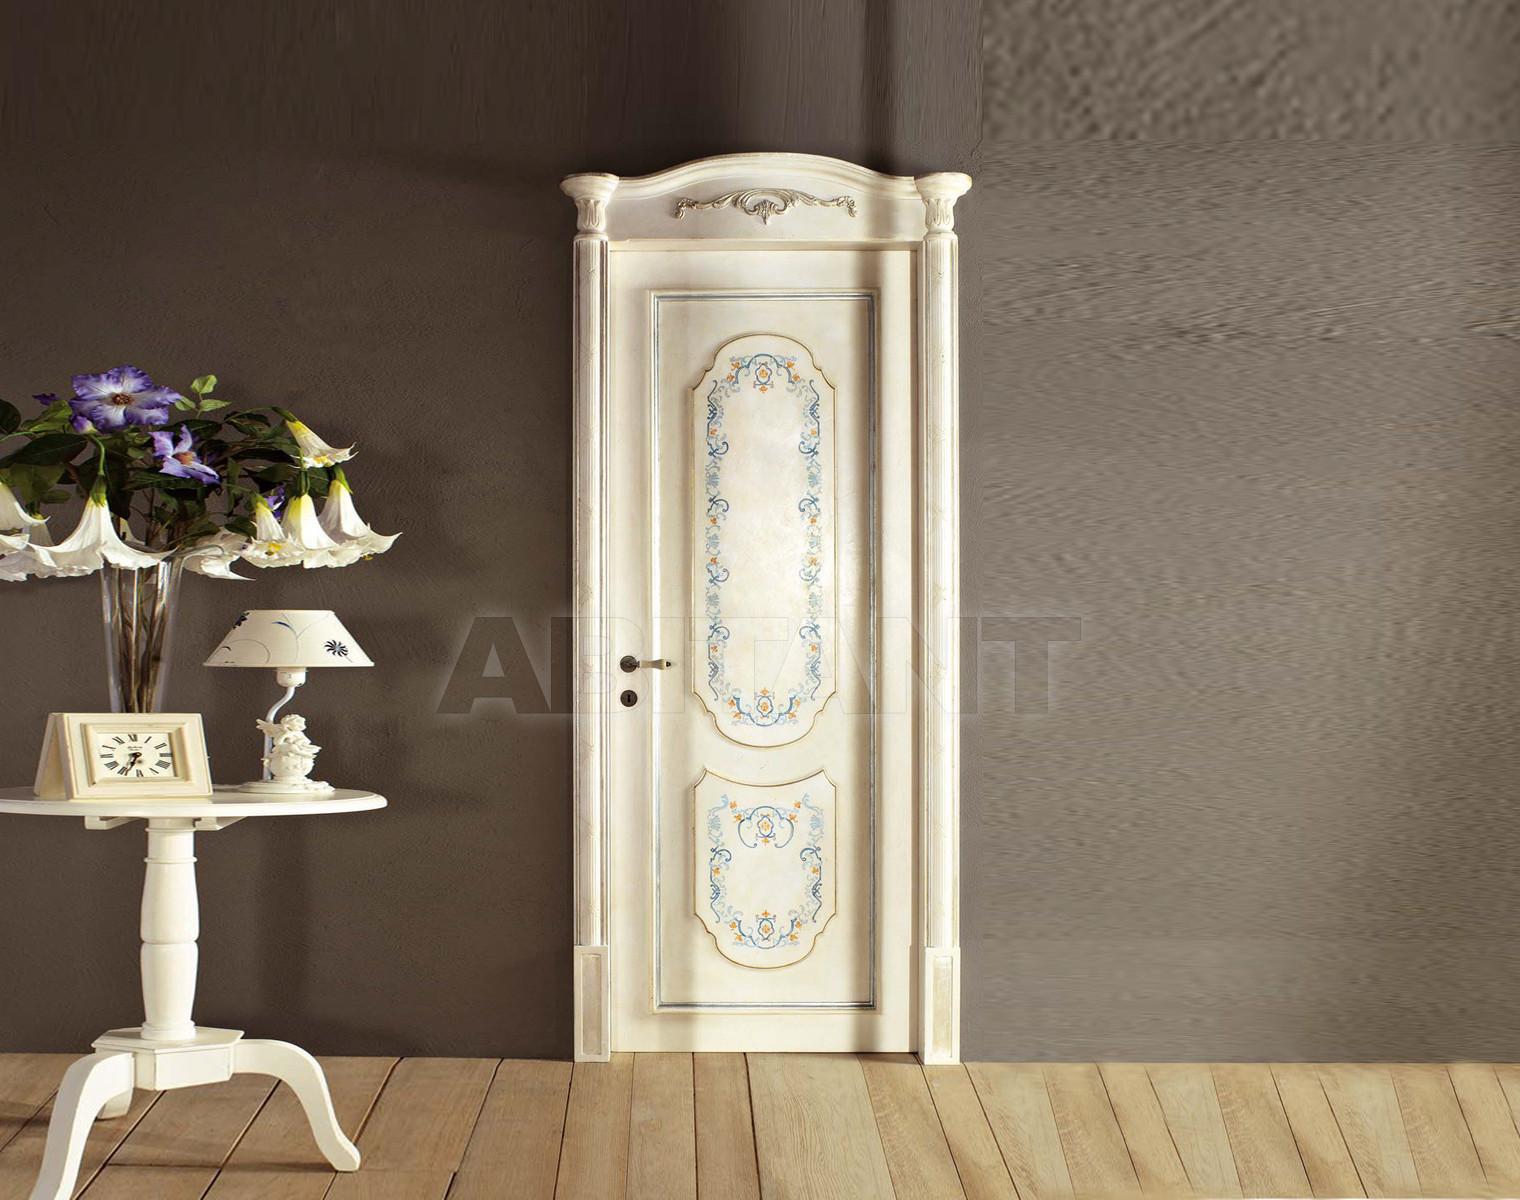 Купить Дверь деревянная Tiferno Mobili Dinasie J1COP14 pag. = 32